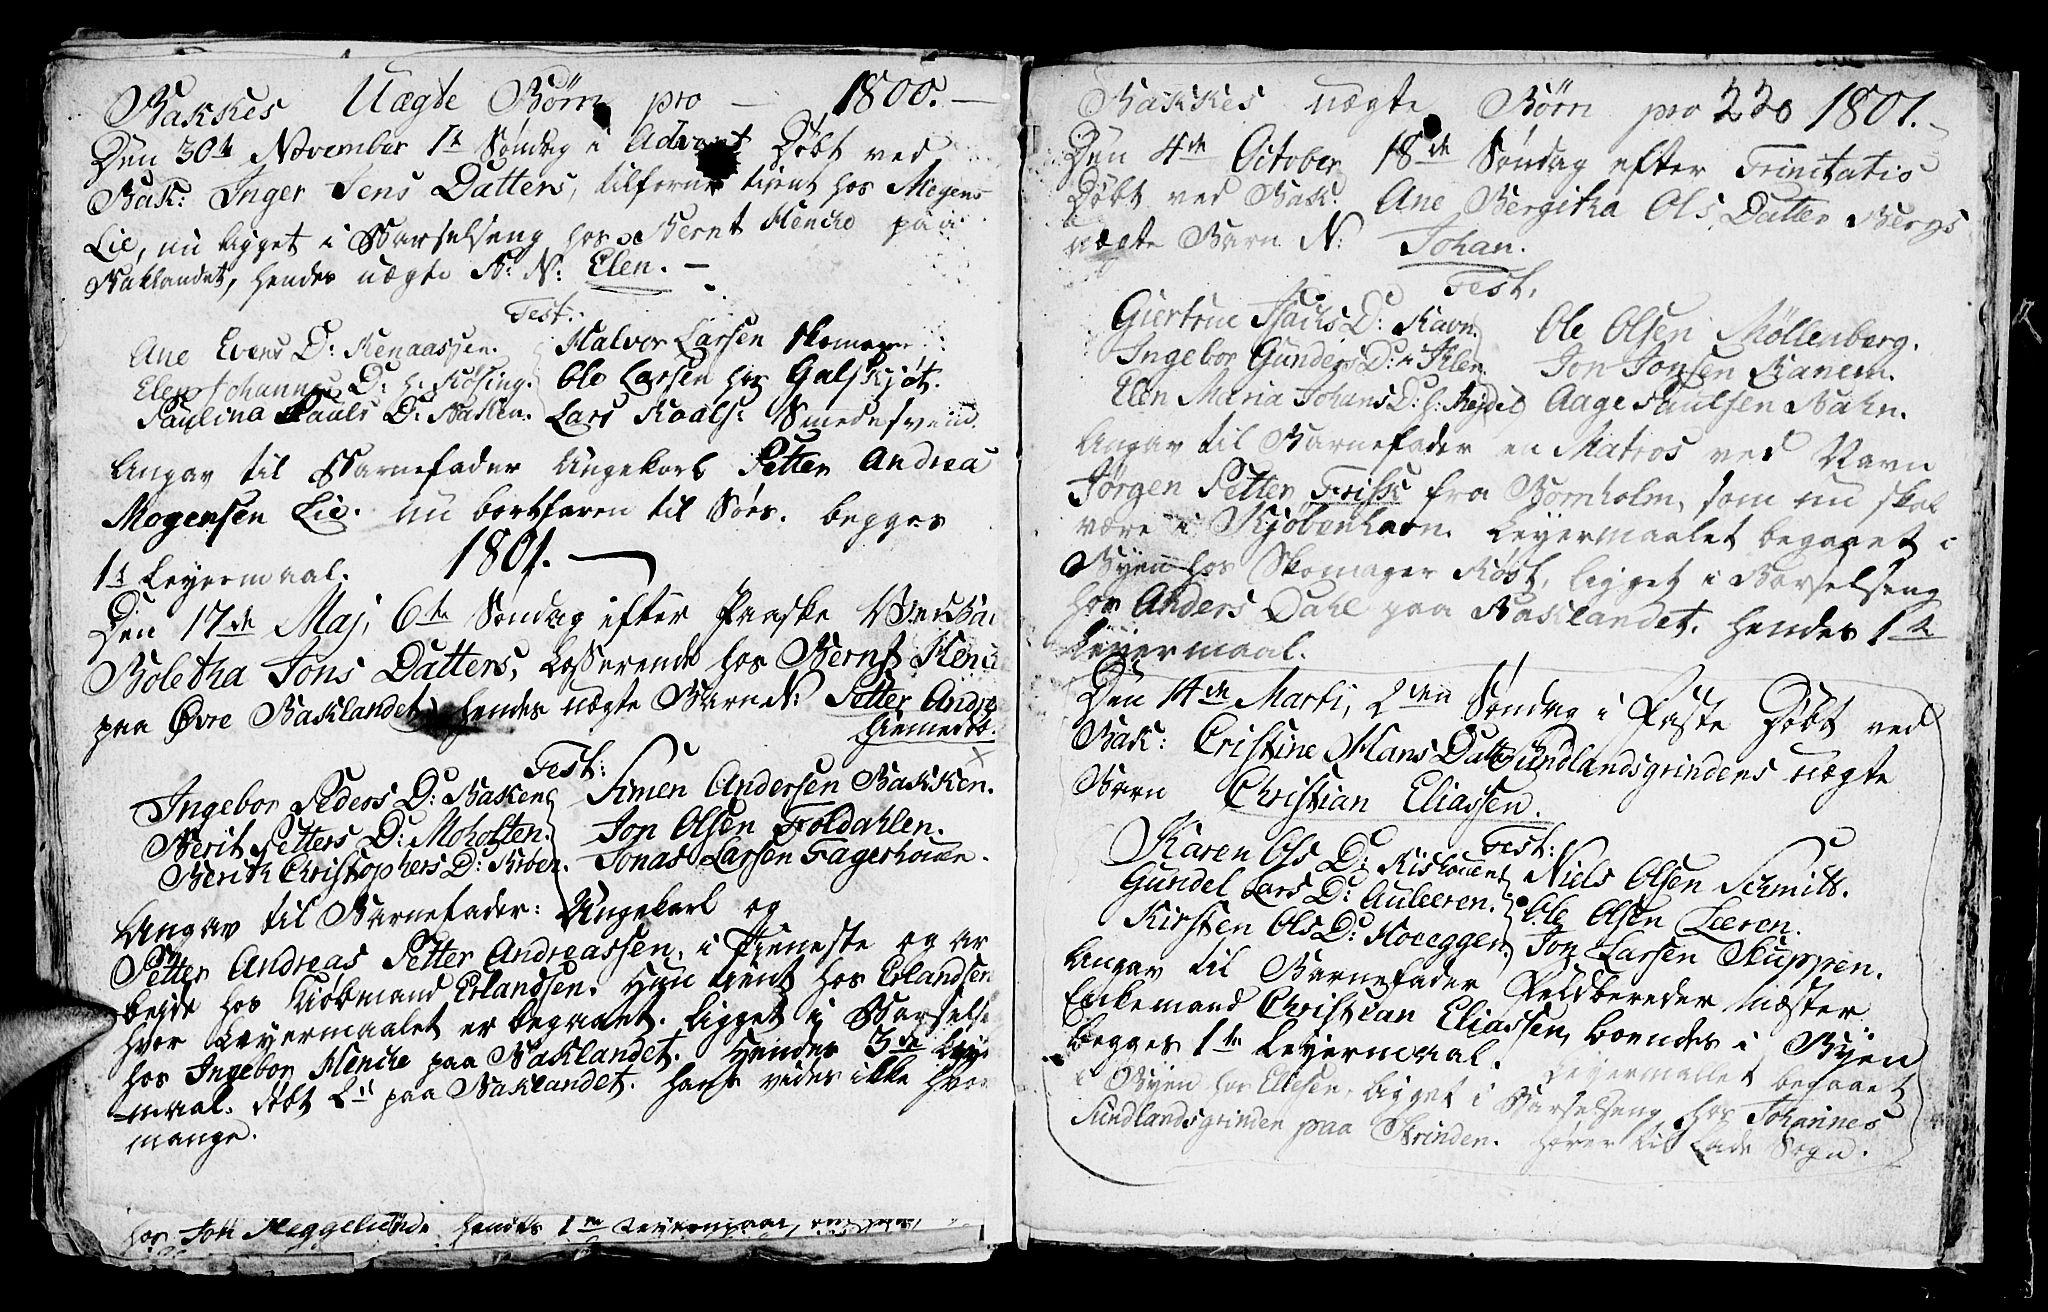 SAT, Ministerialprotokoller, klokkerbøker og fødselsregistre - Sør-Trøndelag, 604/L0218: Klokkerbok nr. 604C01, 1754-1819, s. 220